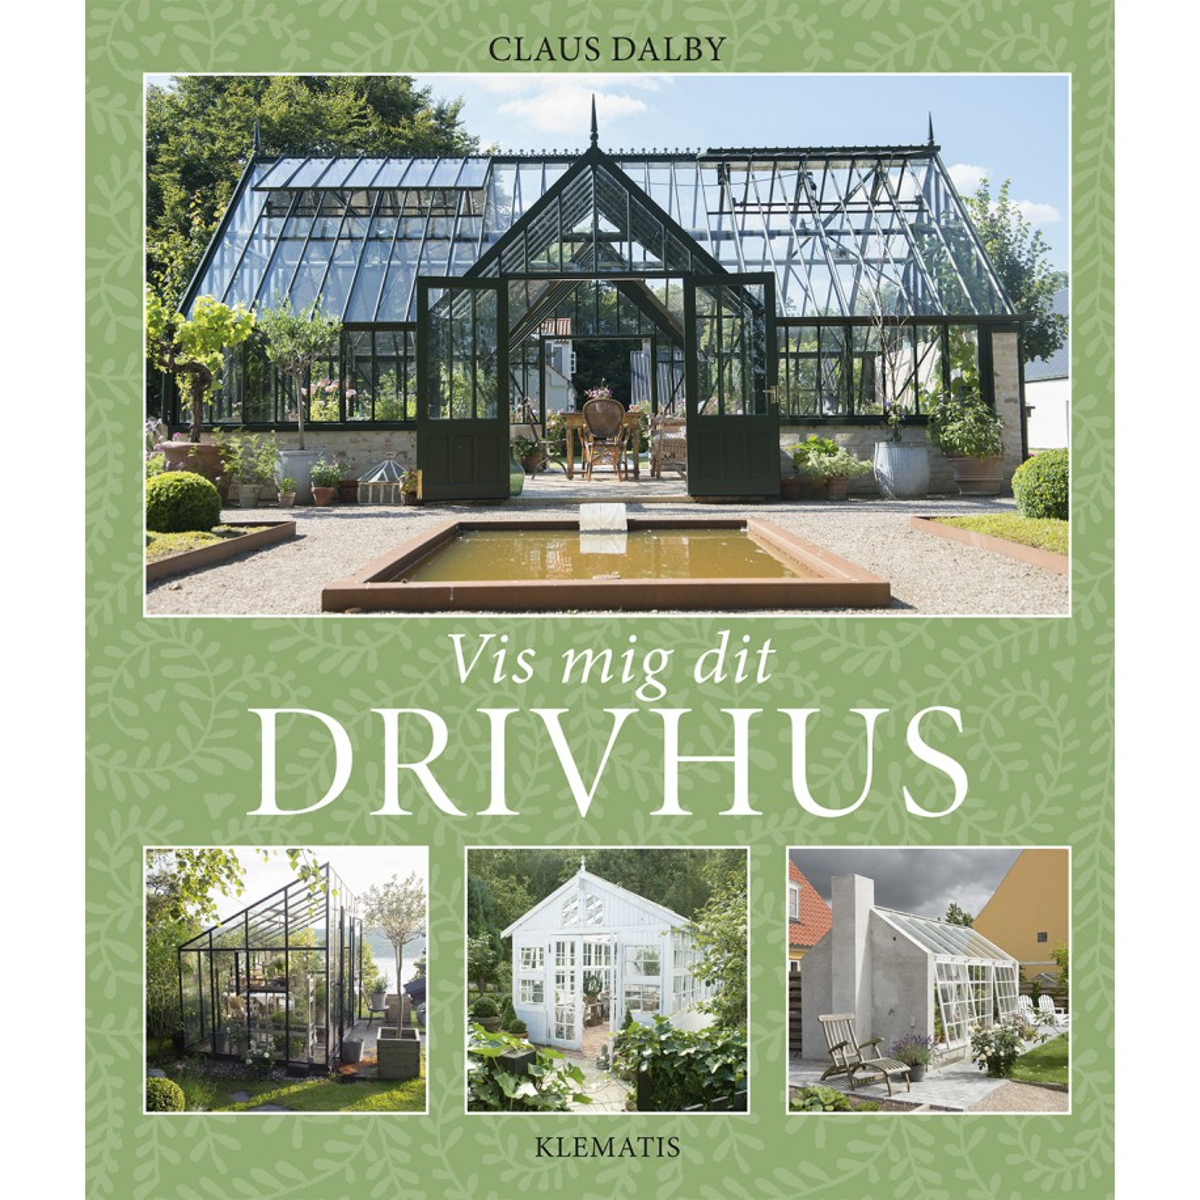 Vis mig dit drivhus af Claus Dalby